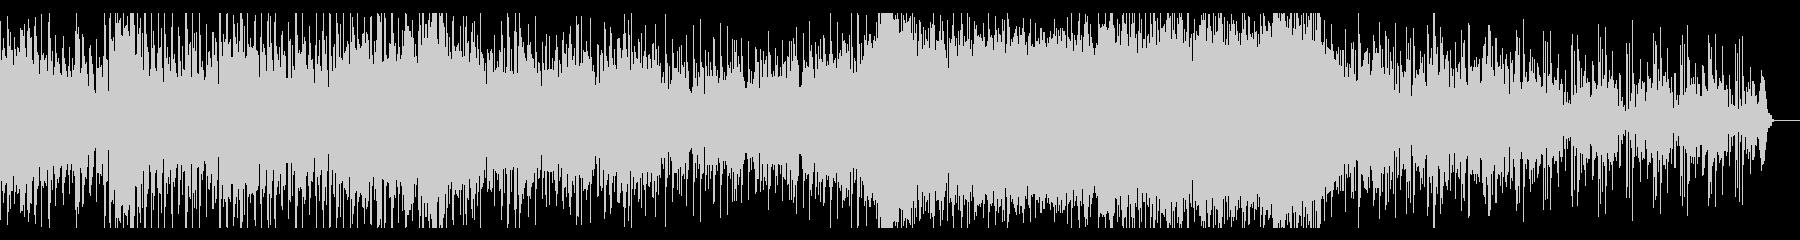 重低音うなるムービートレーラーの未再生の波形